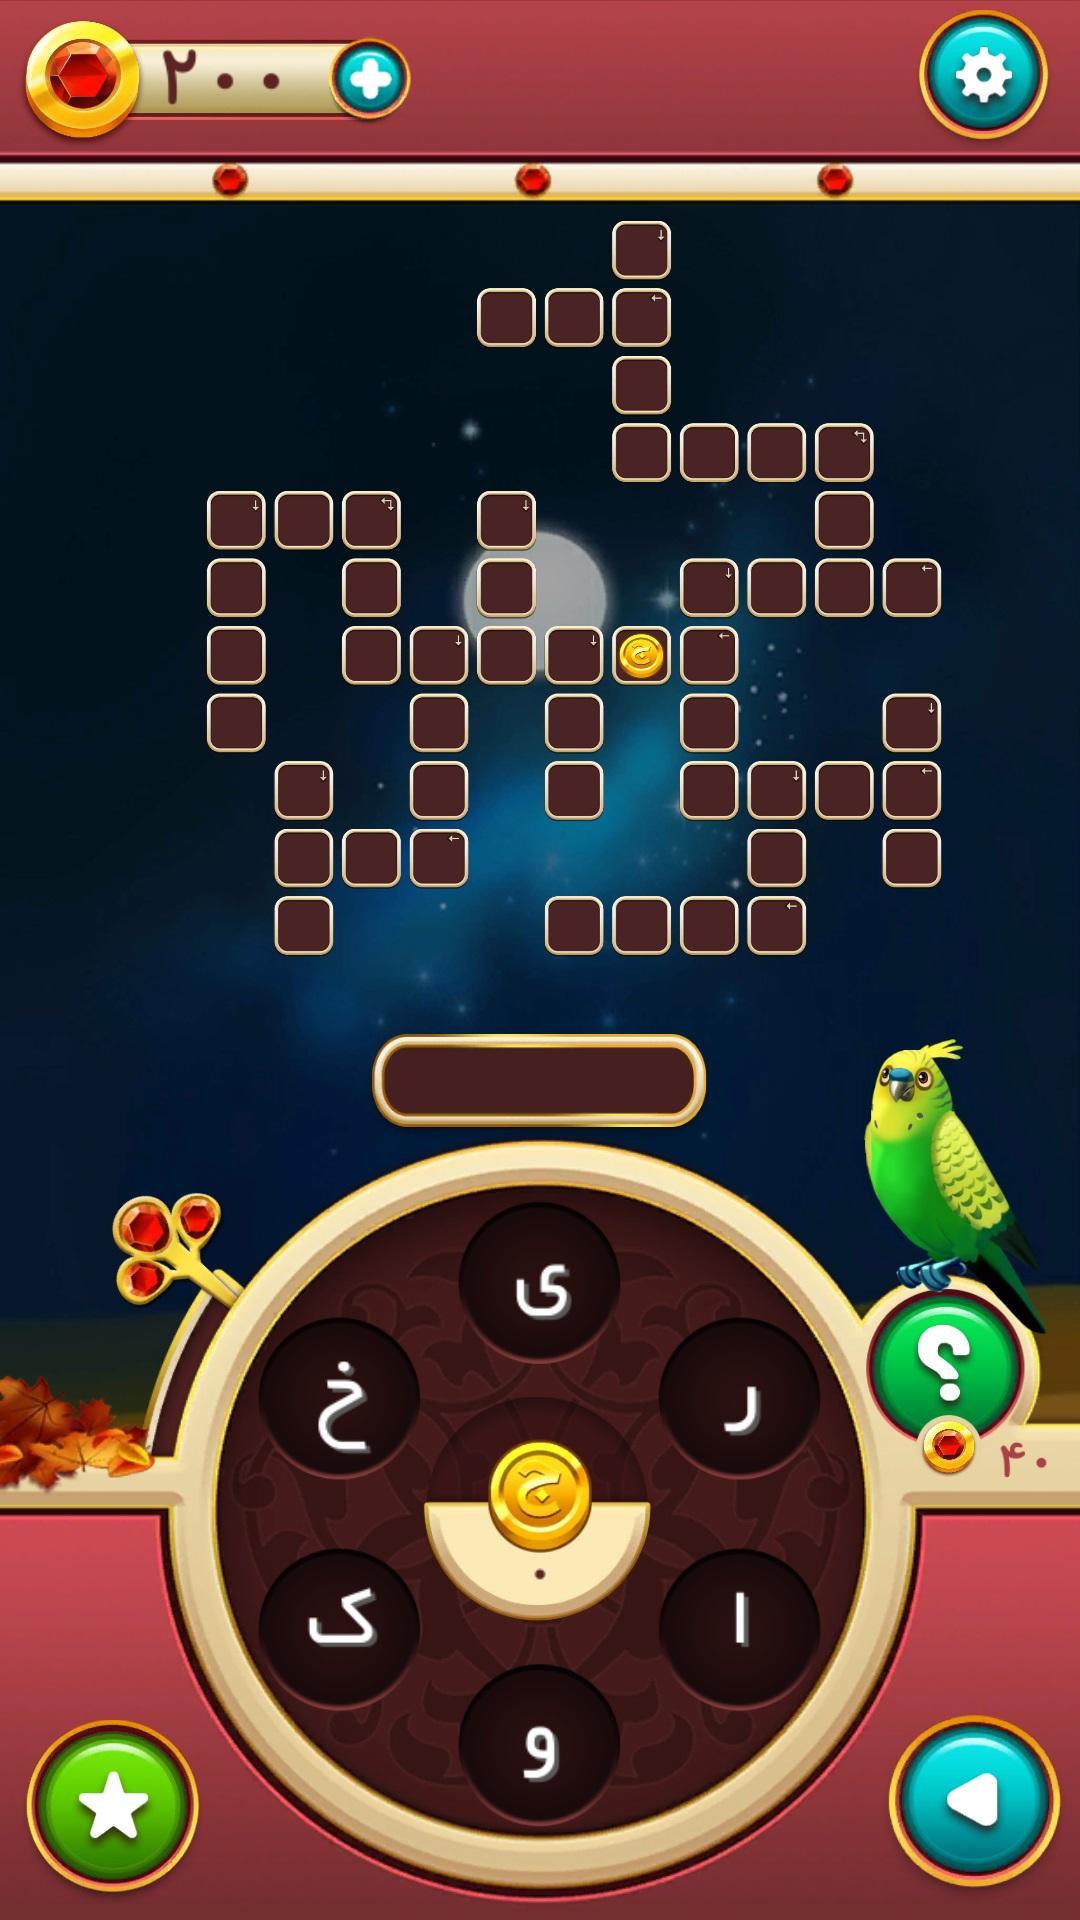 شهرزاد 5 - بررسی بازی «هزار افسان: شهزاد»؛ با حروف بازی کنید و افسانه بخوانید